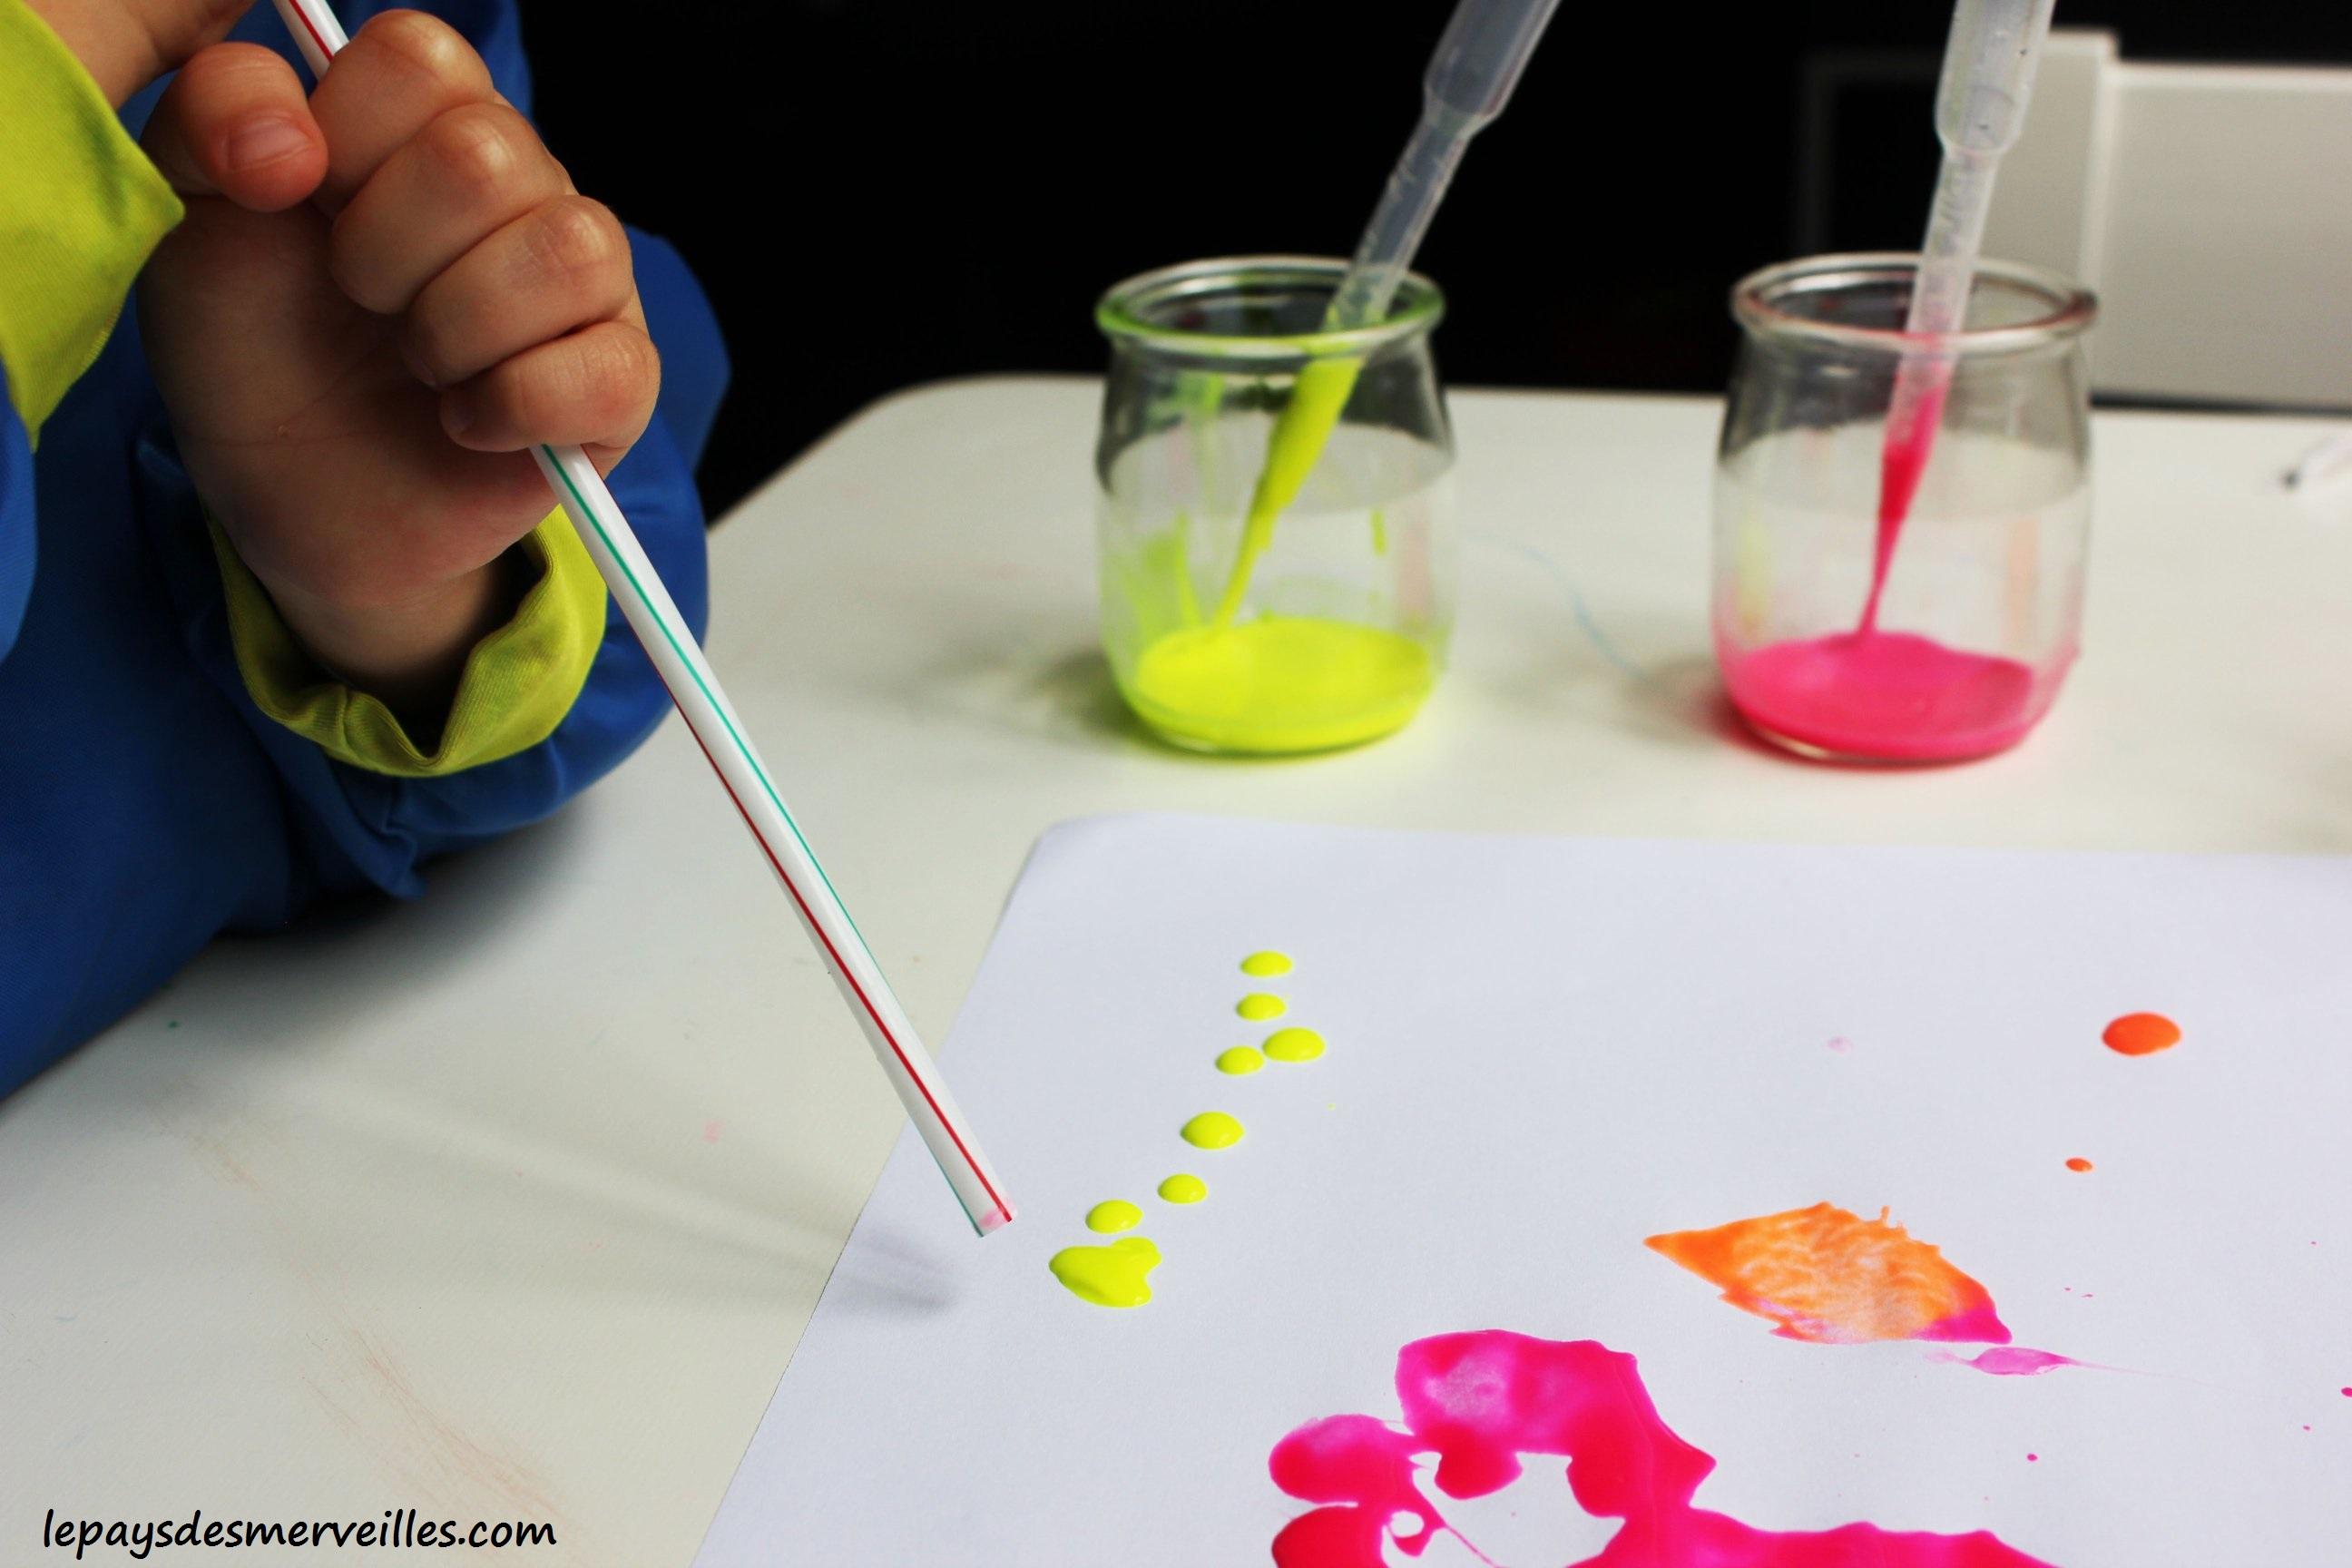 Peinture souffl e la paille le pays des merveilles - Les couleurs de la peinture ...